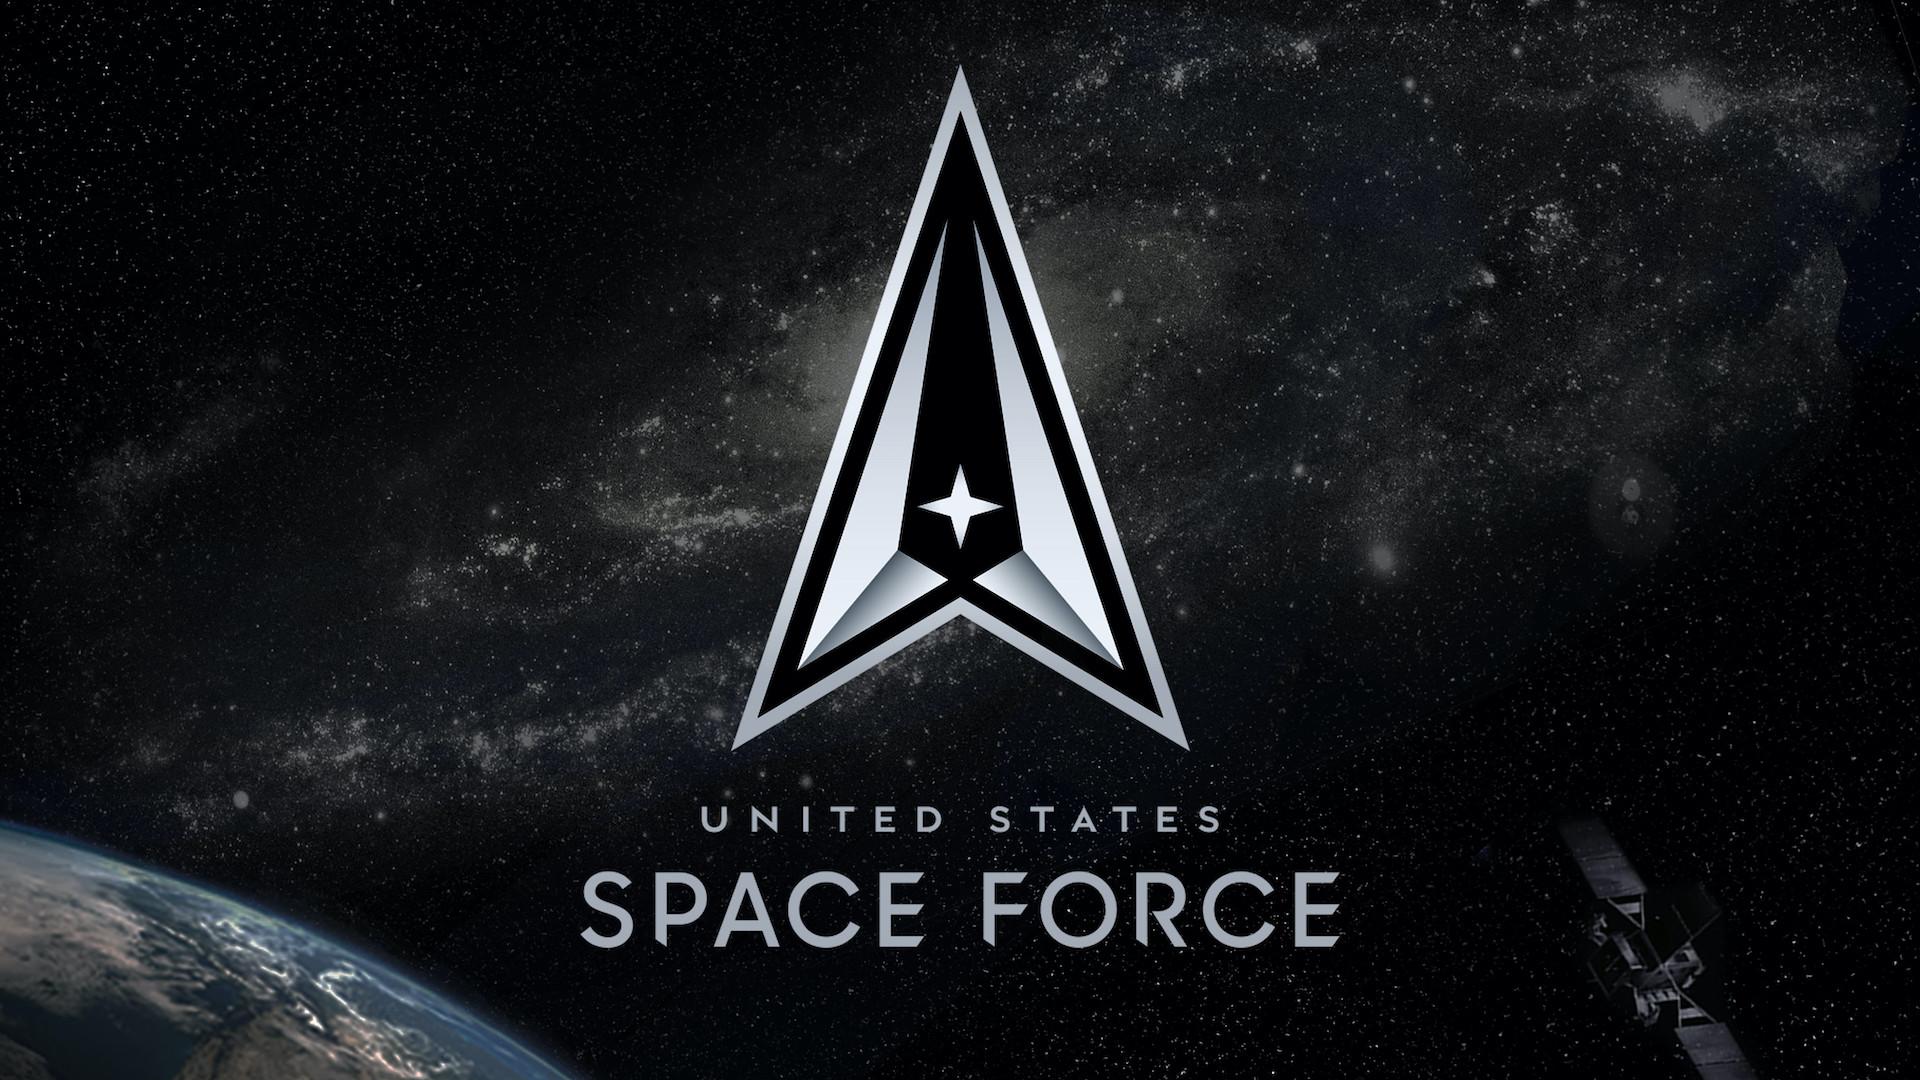 El logo de la Fuerza Espacial de Estados Unidos parece Star Trek